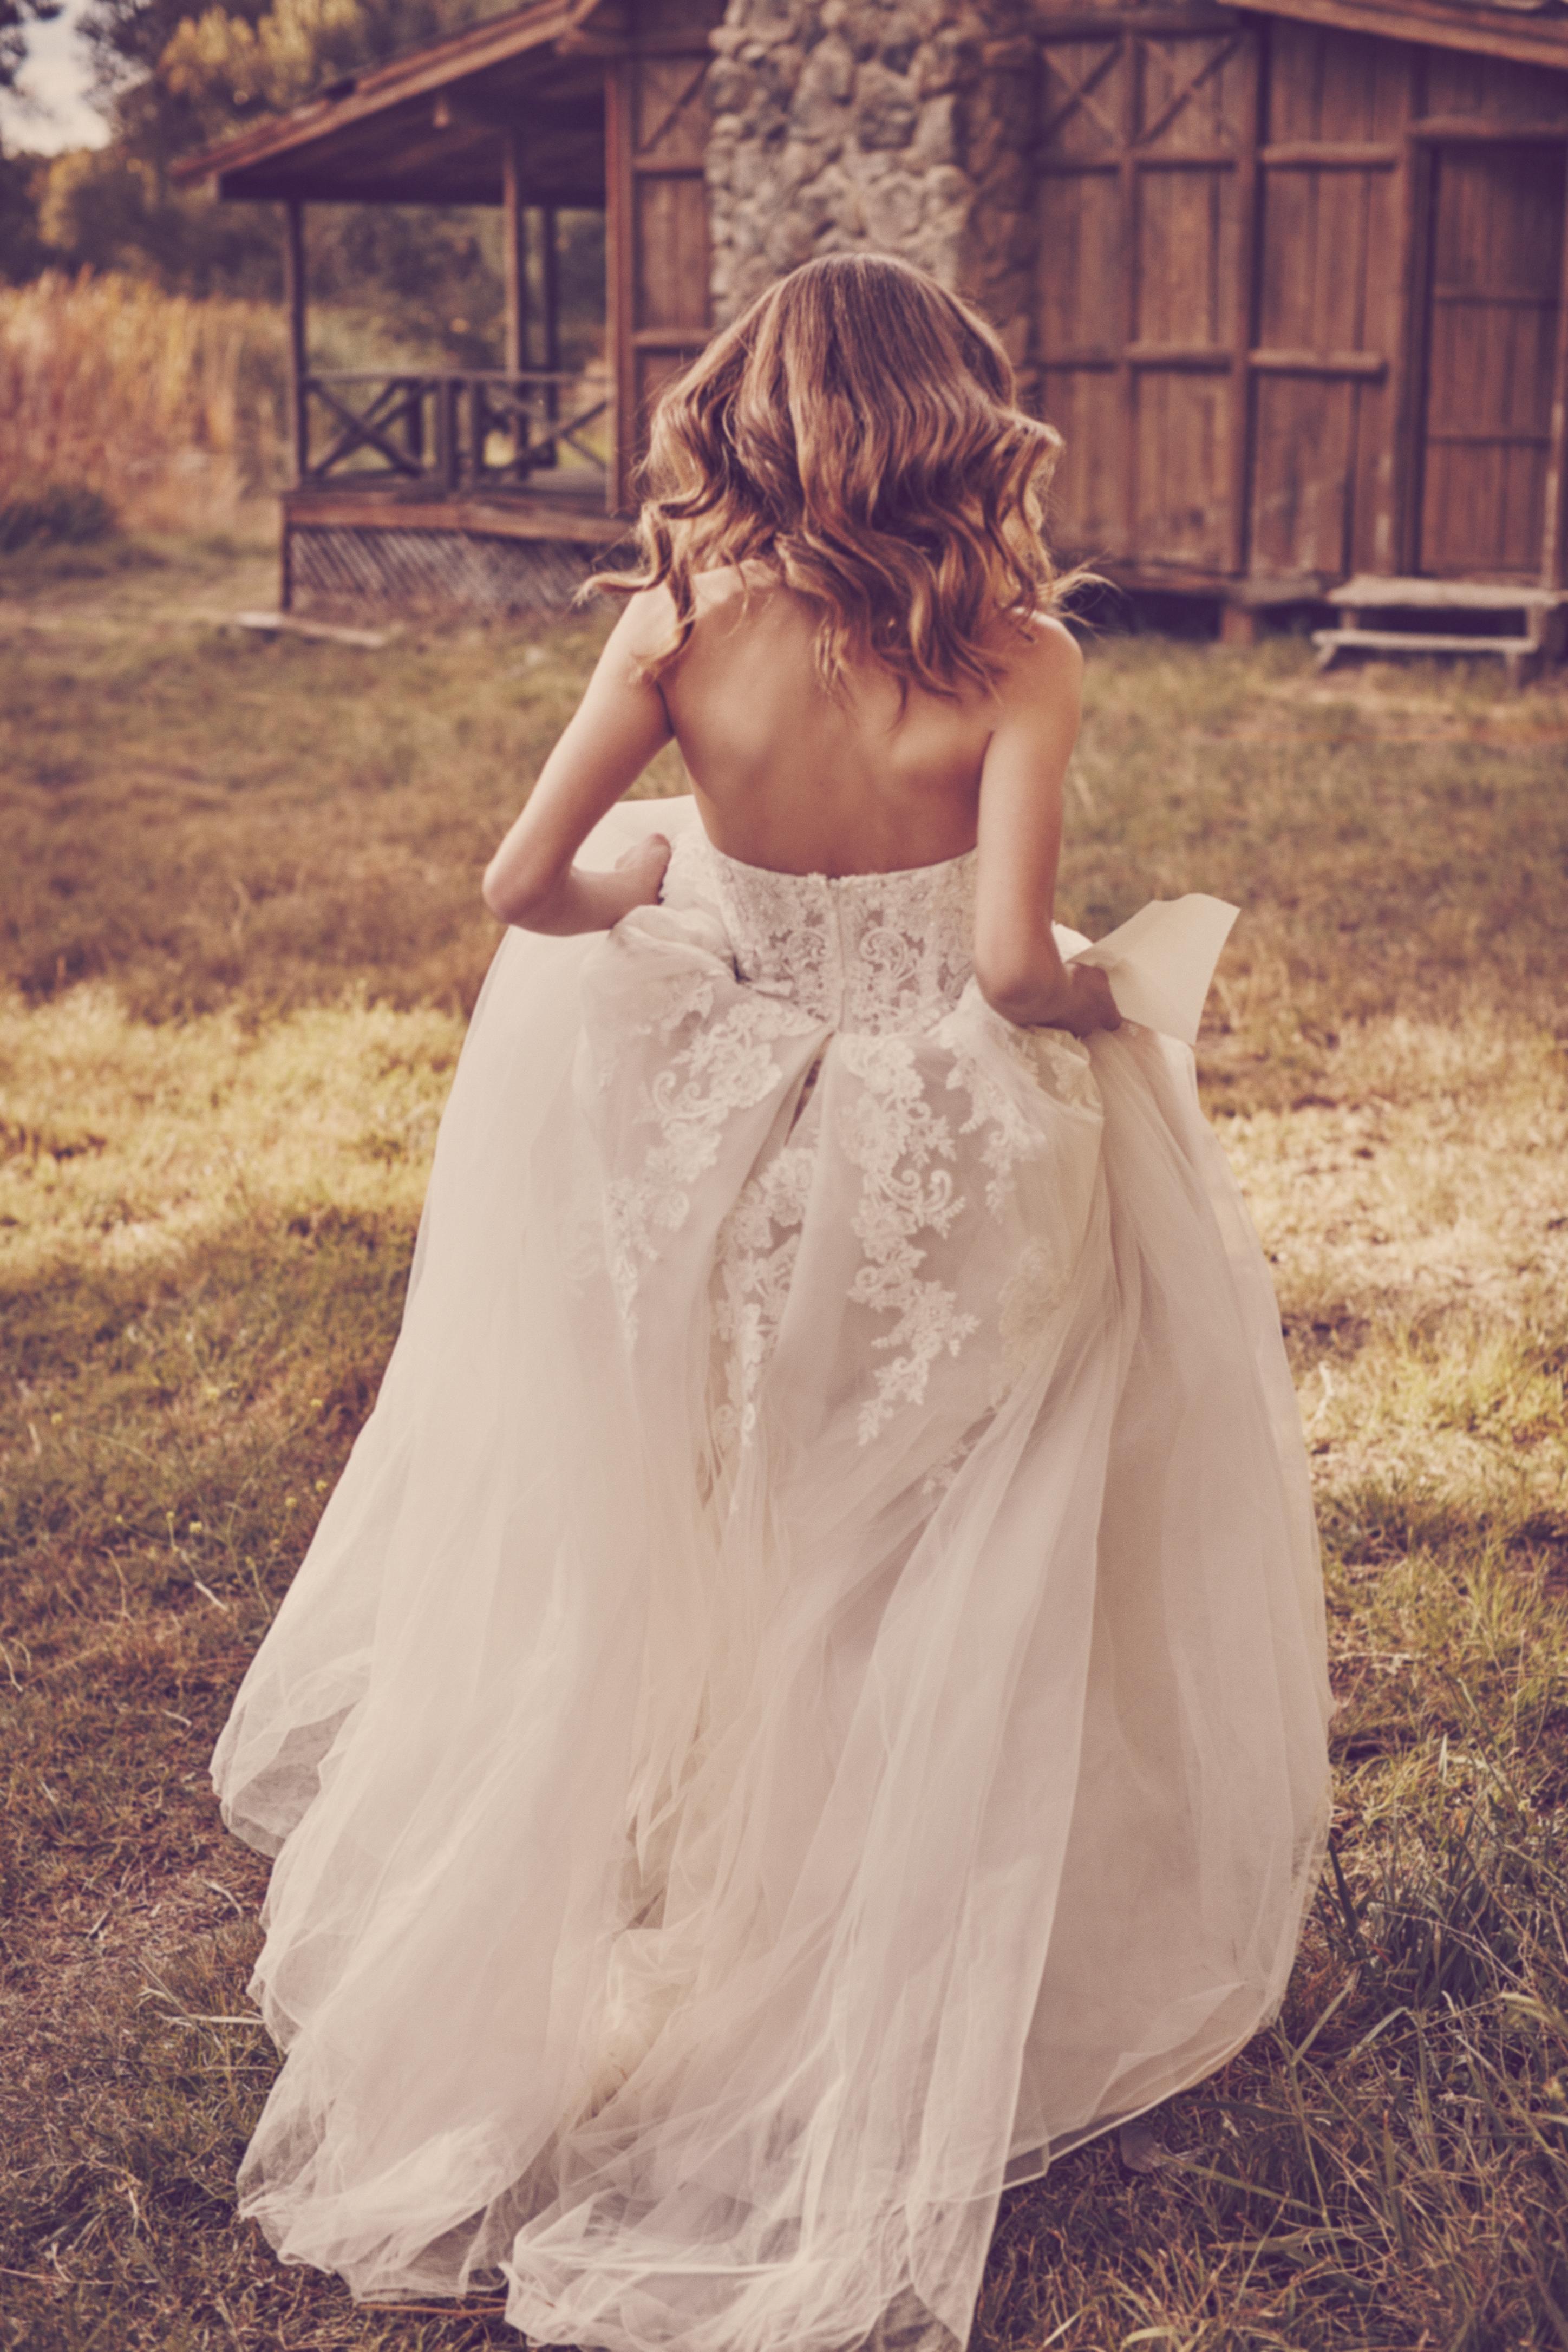 Woman running on grass holding up skirt of ball gown wedding dress